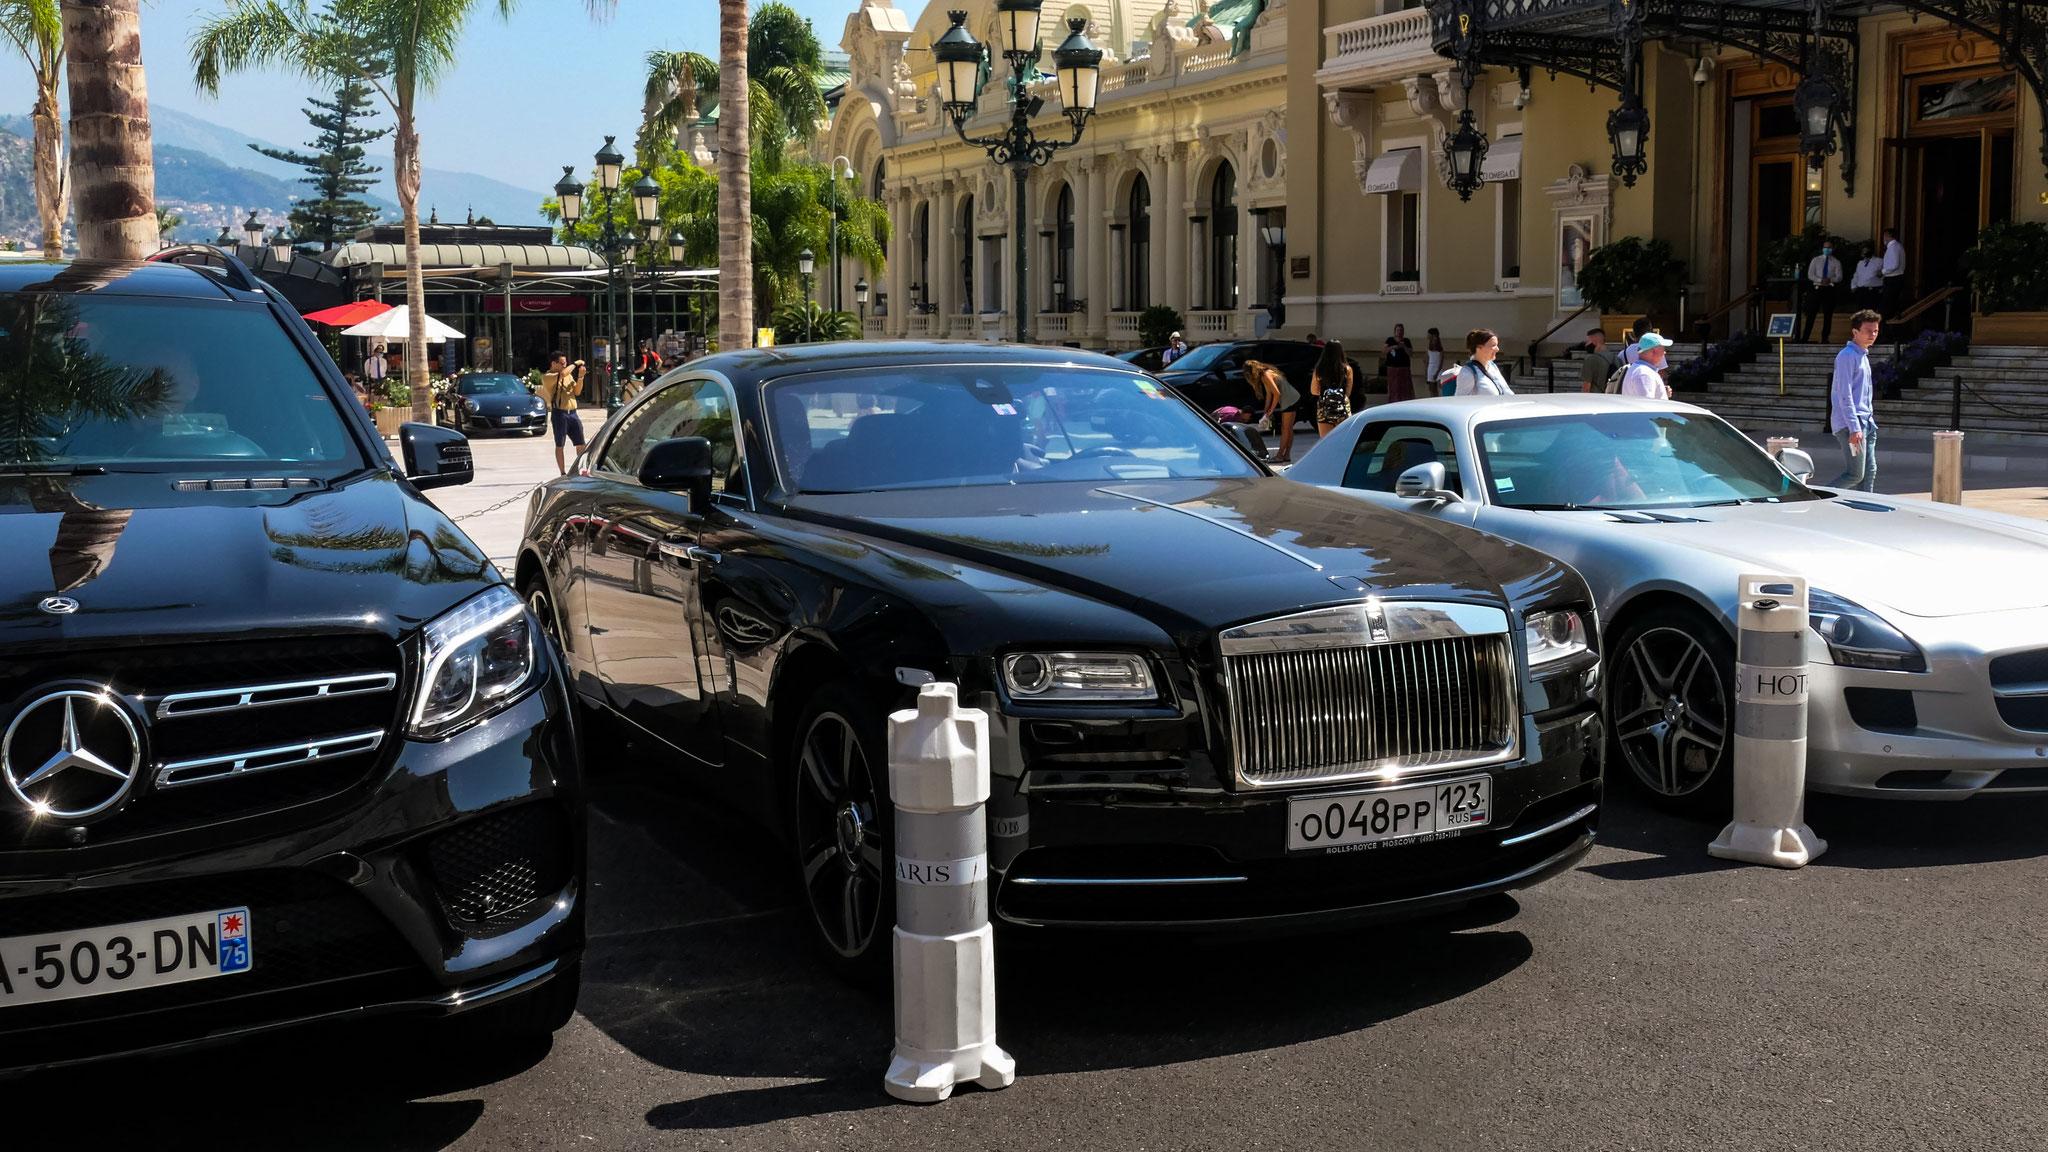 Rolls Royce Wraith - O-048-PP-123 (RUS